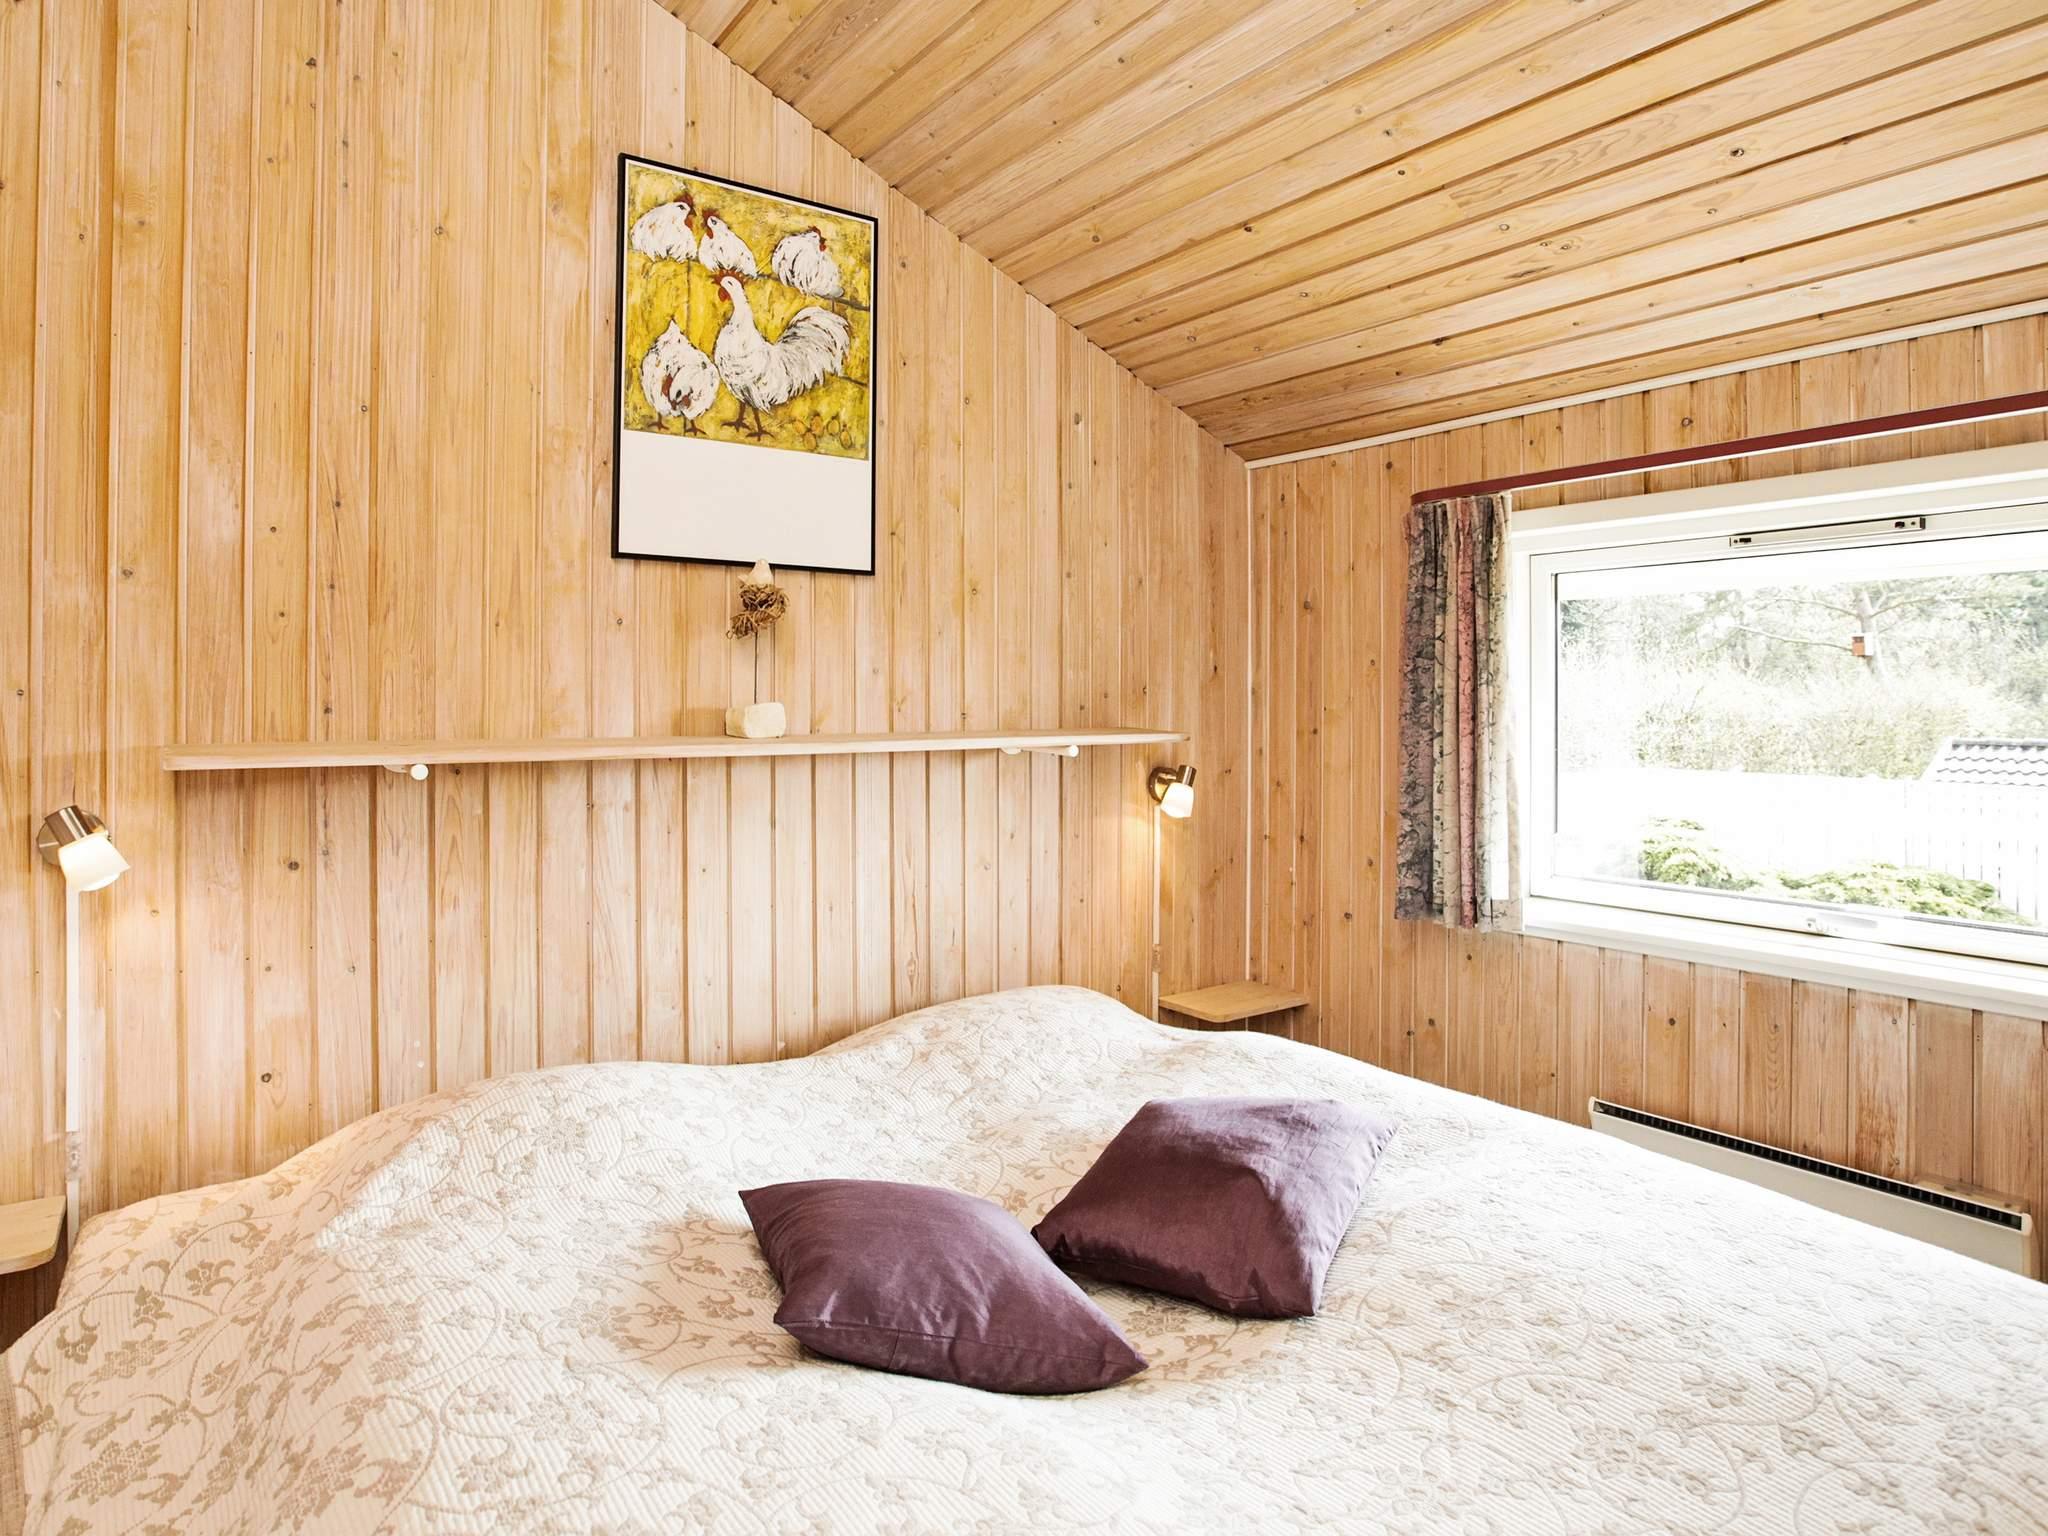 Ferienhaus Falsled (87545), Faldsled, , Fünen, Dänemark, Bild 4